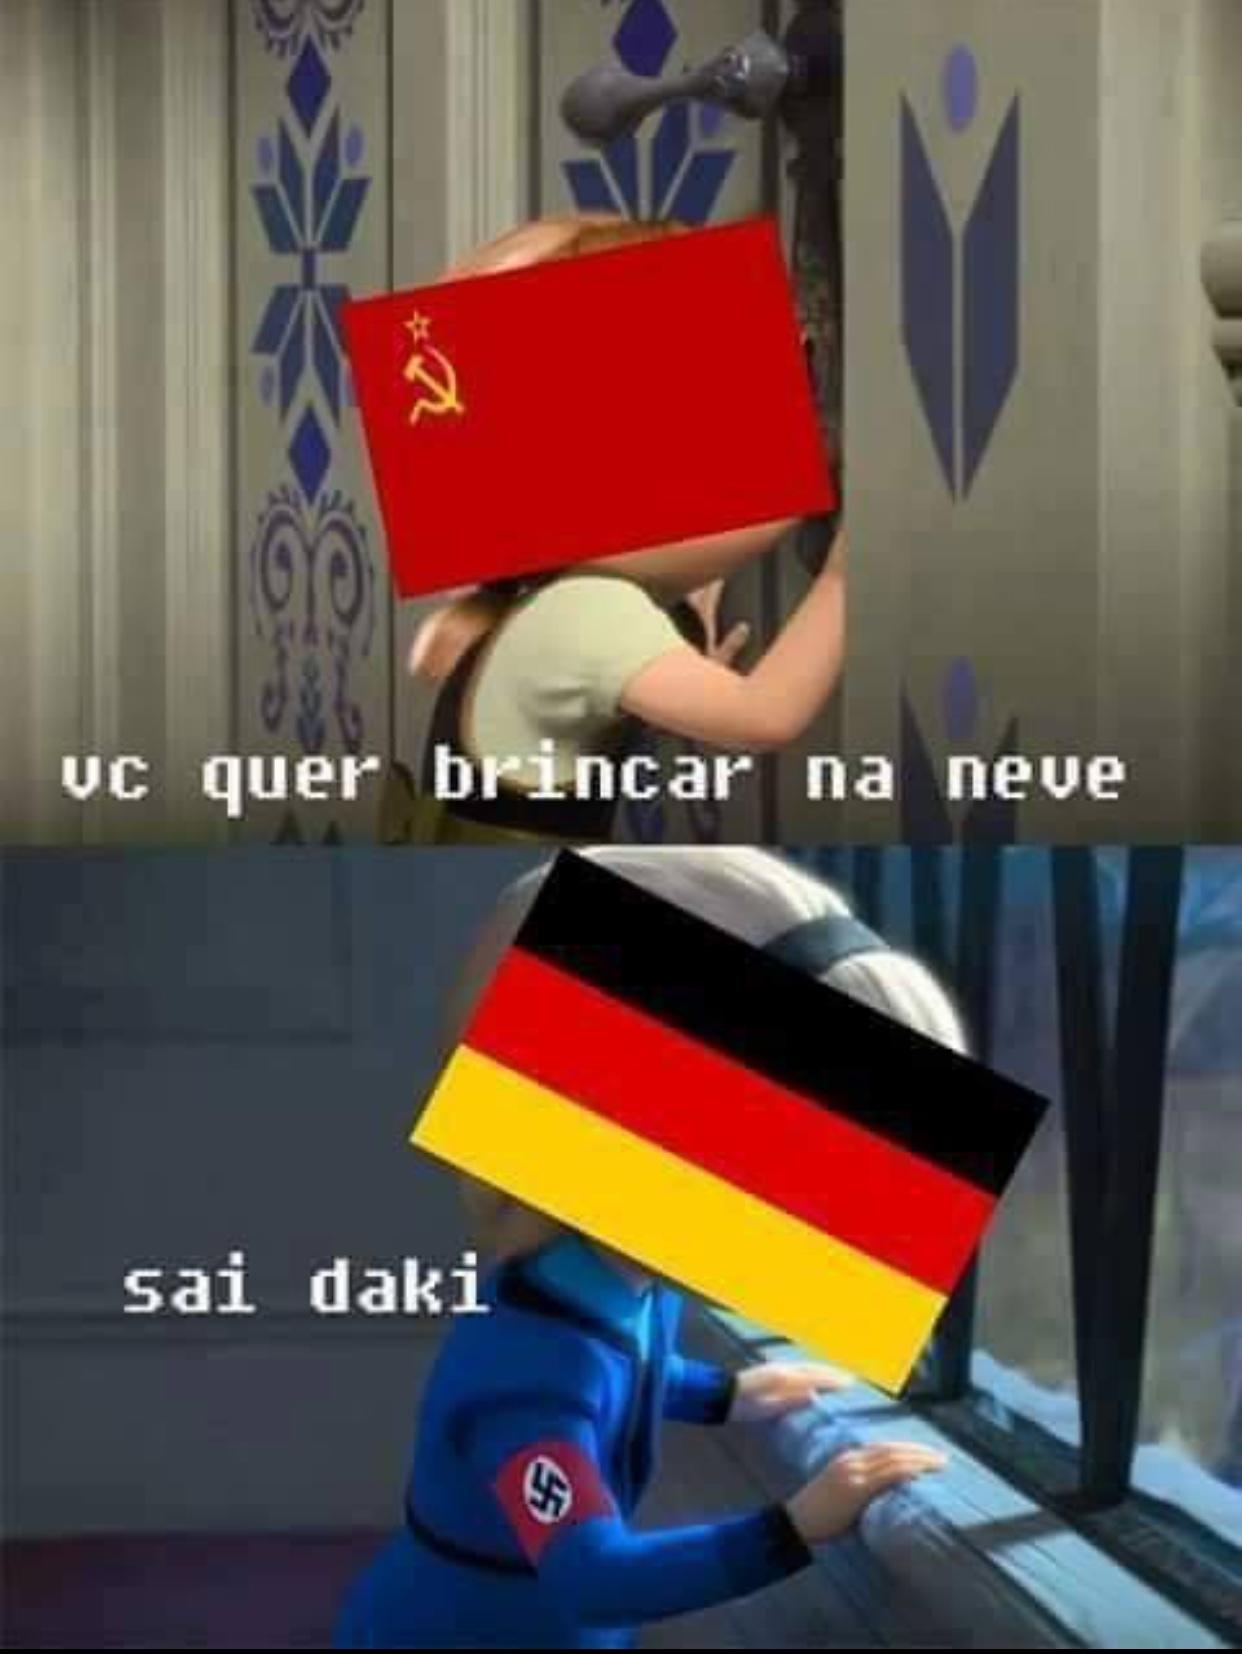 grande batalha - meme